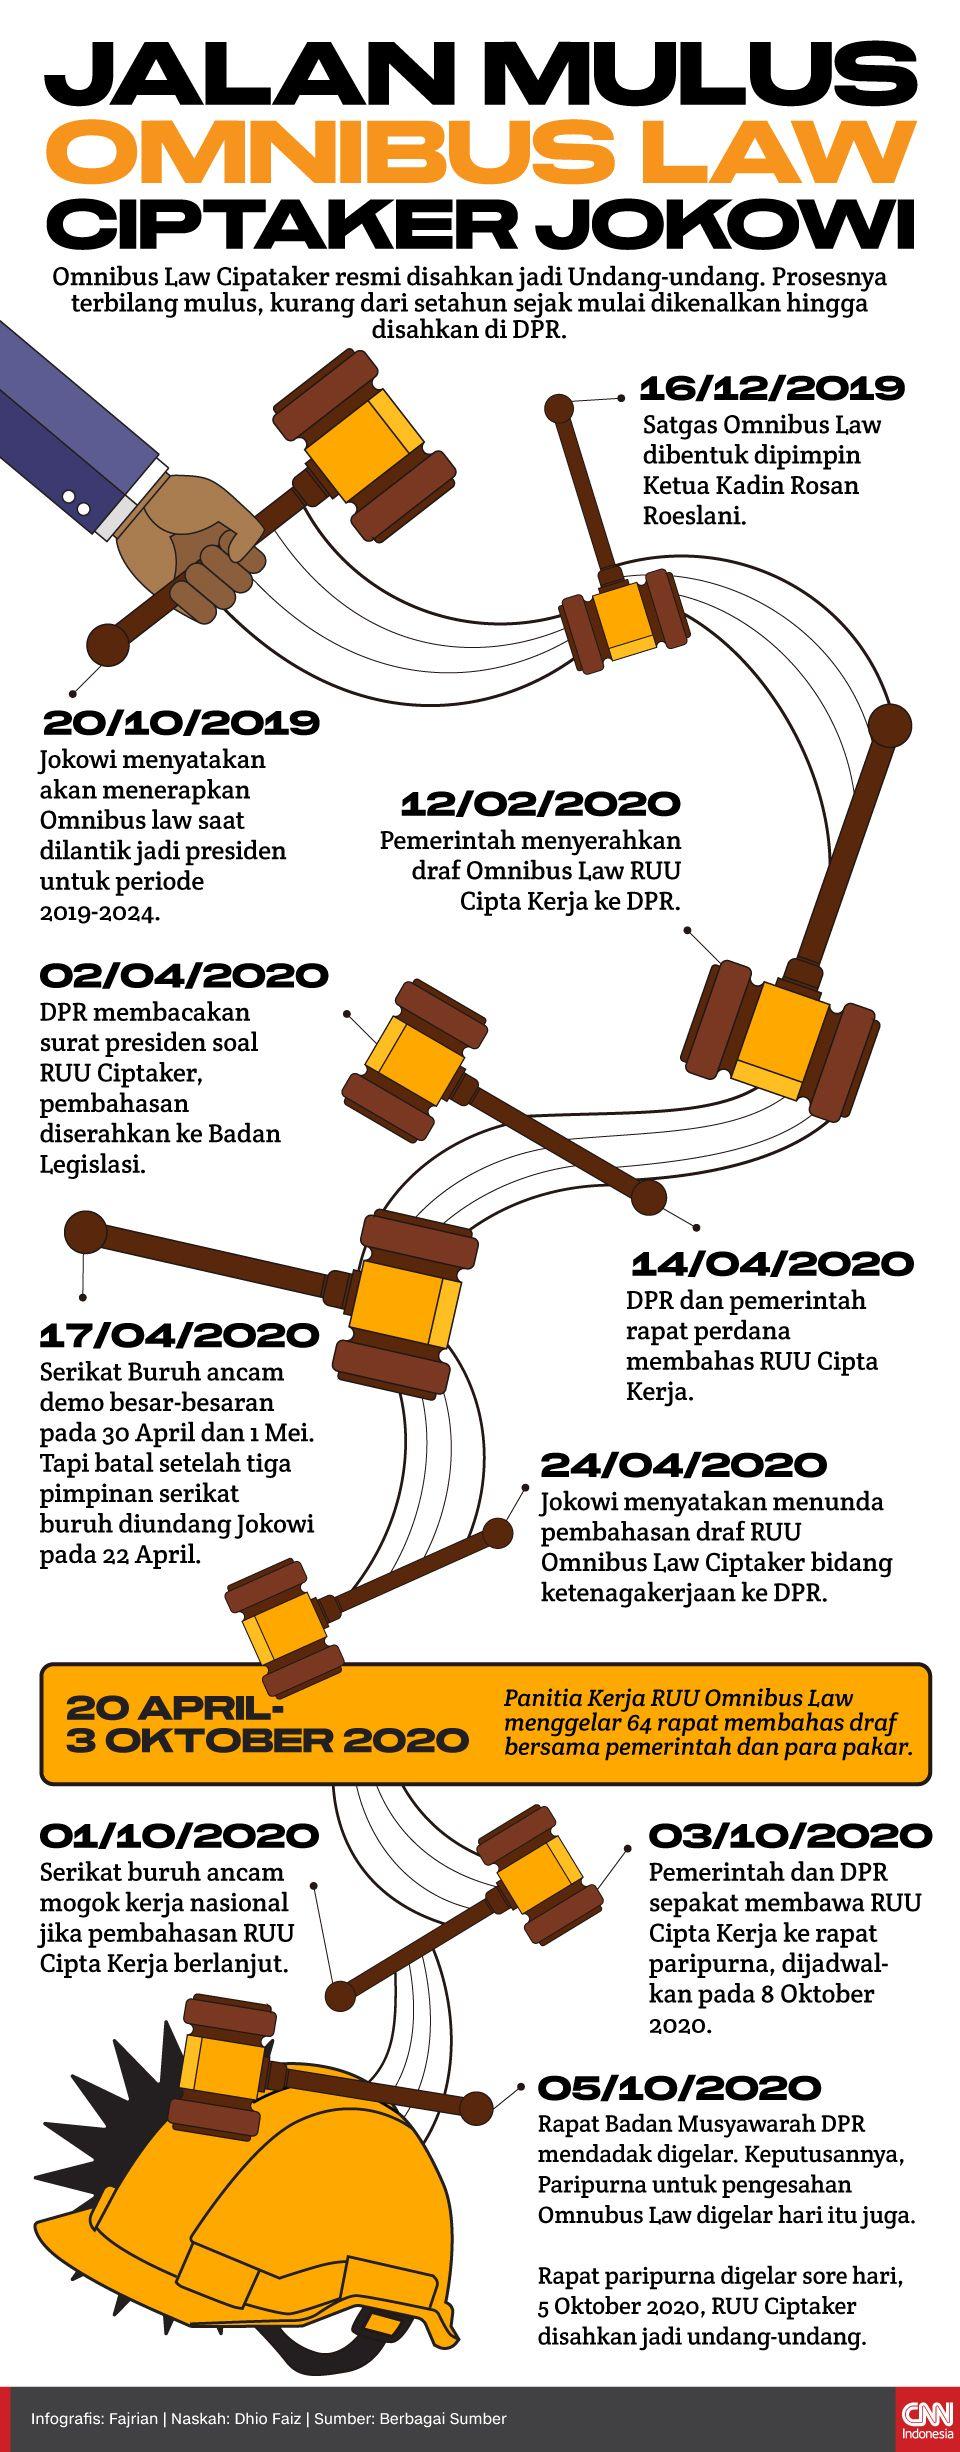 Infografis Jalan Mulus omnibus law ciptaker jokowi